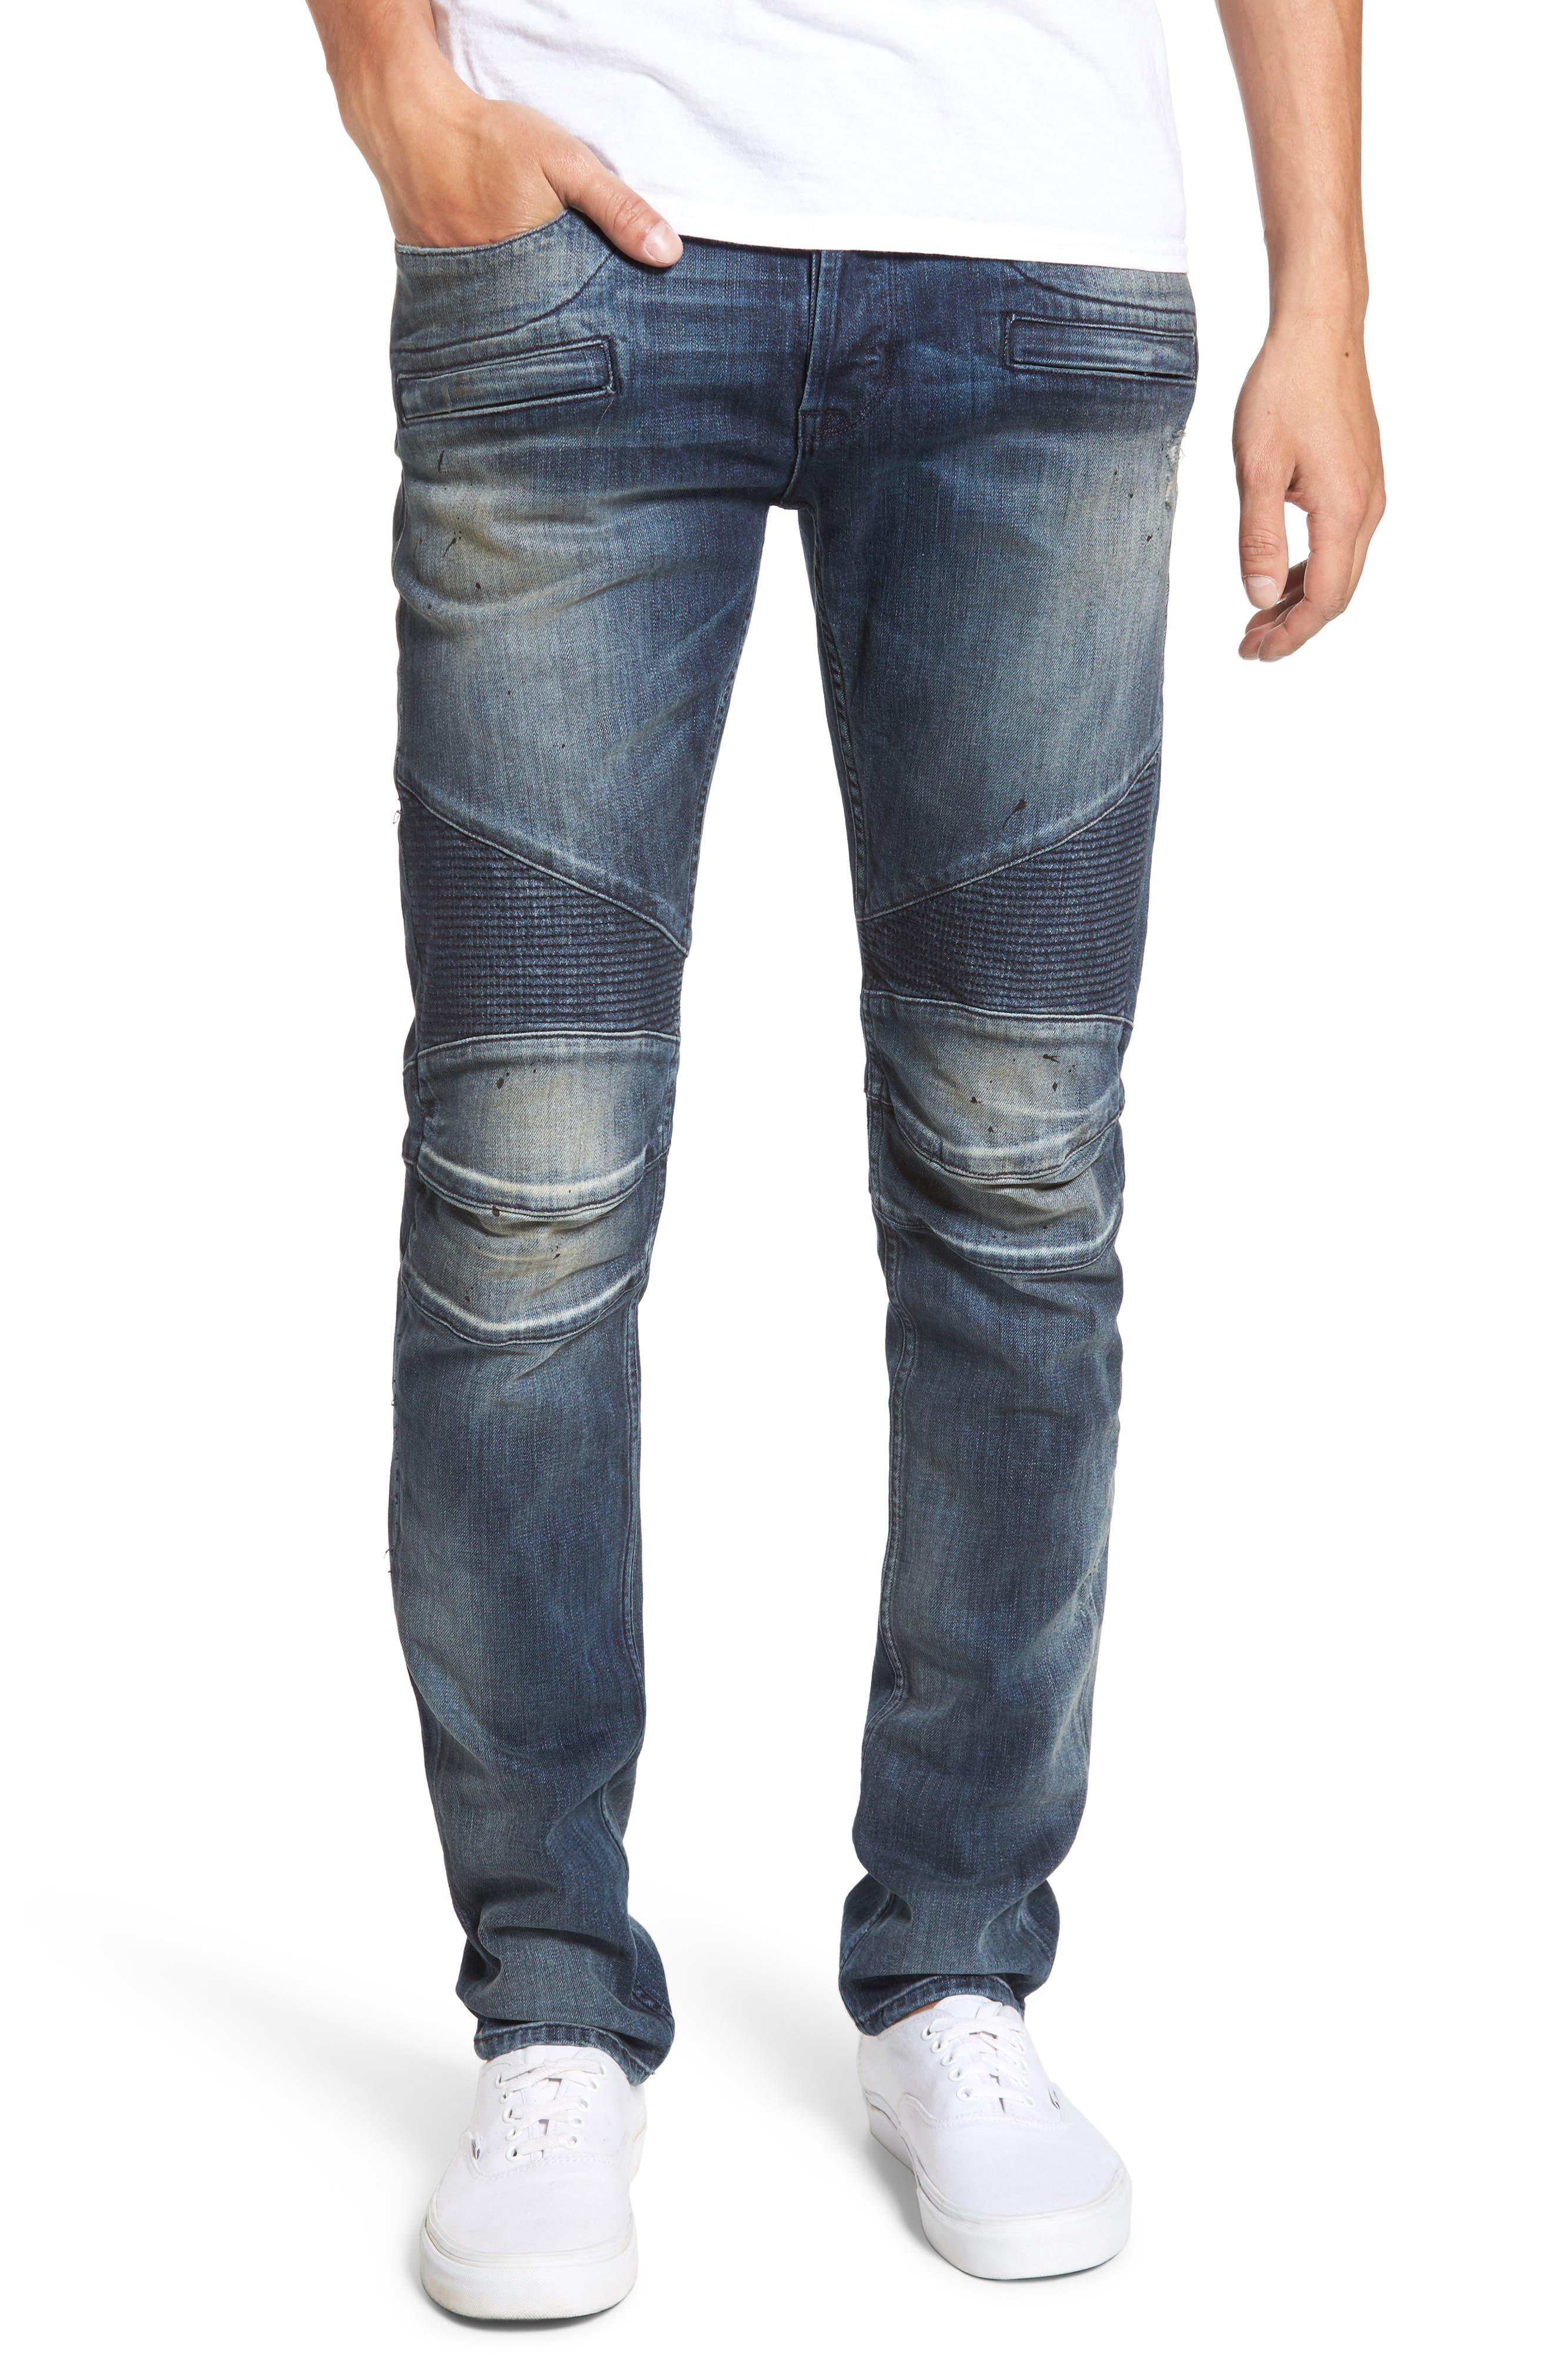 Blinder Biker Moto Skinny Fit Jeans,                         Main,                         color, Babylon